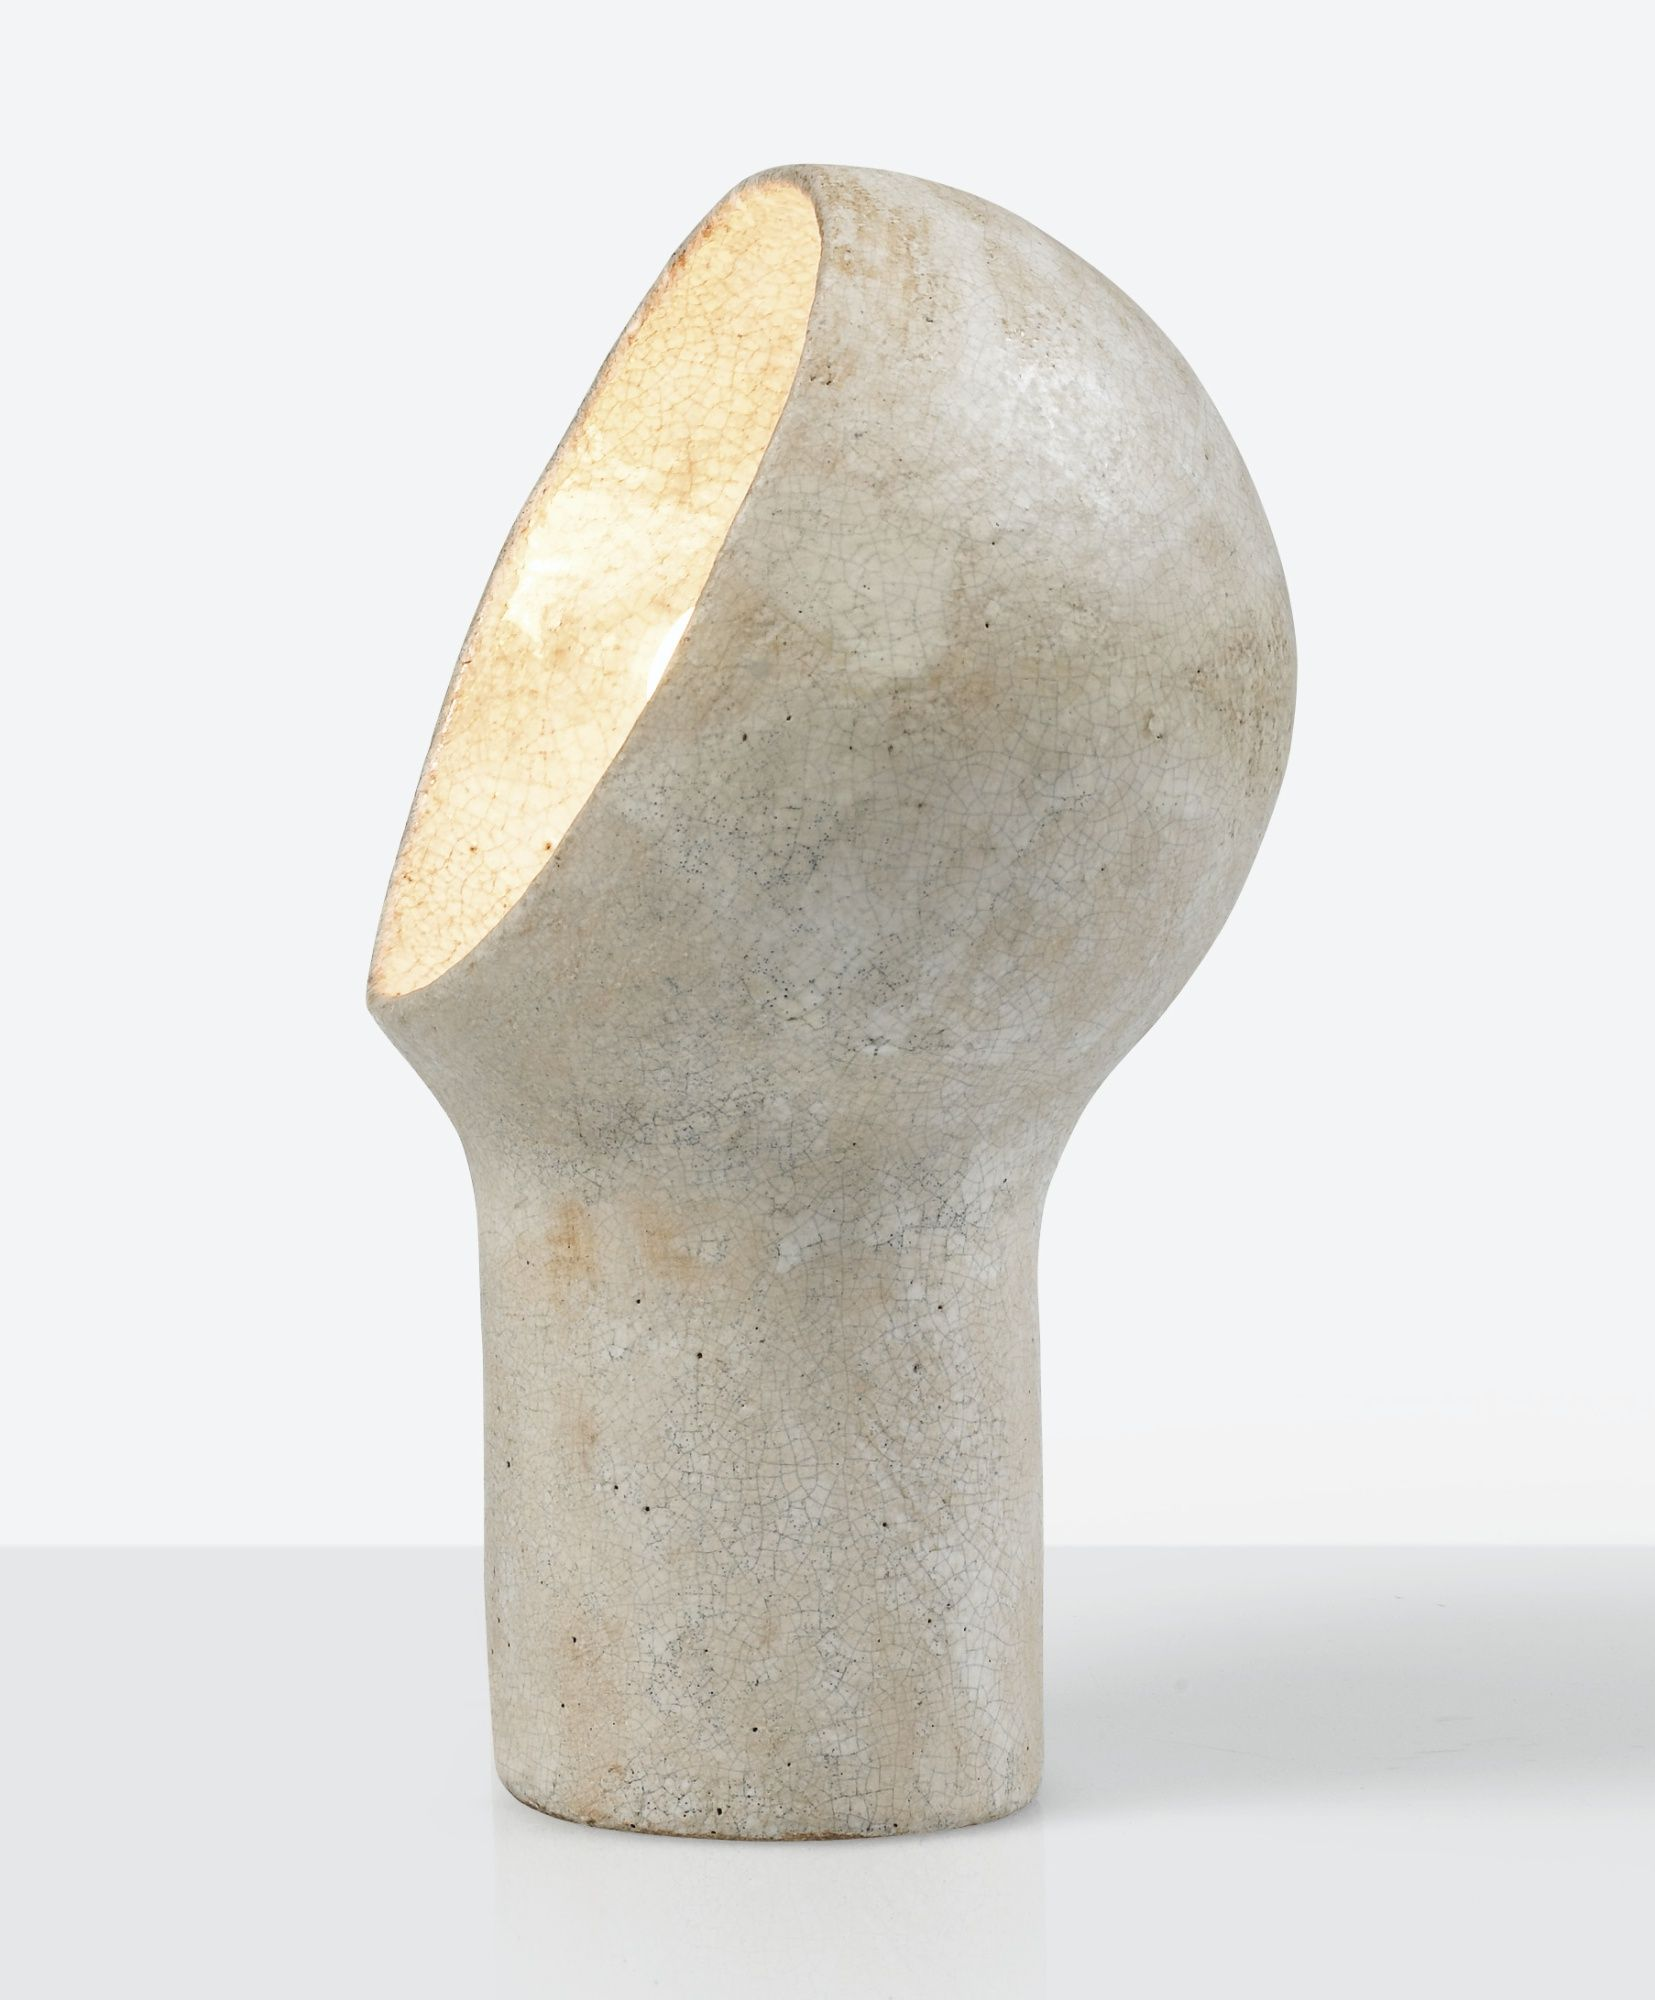 Andre Borderie Lampe Tete A Lumiere Vers 1960 Tete A Lumiere A White Glazed Ceramic Lamp Circa 1960 Ceramique Pottery Lighting Ceramic Light Ceramic Lamp